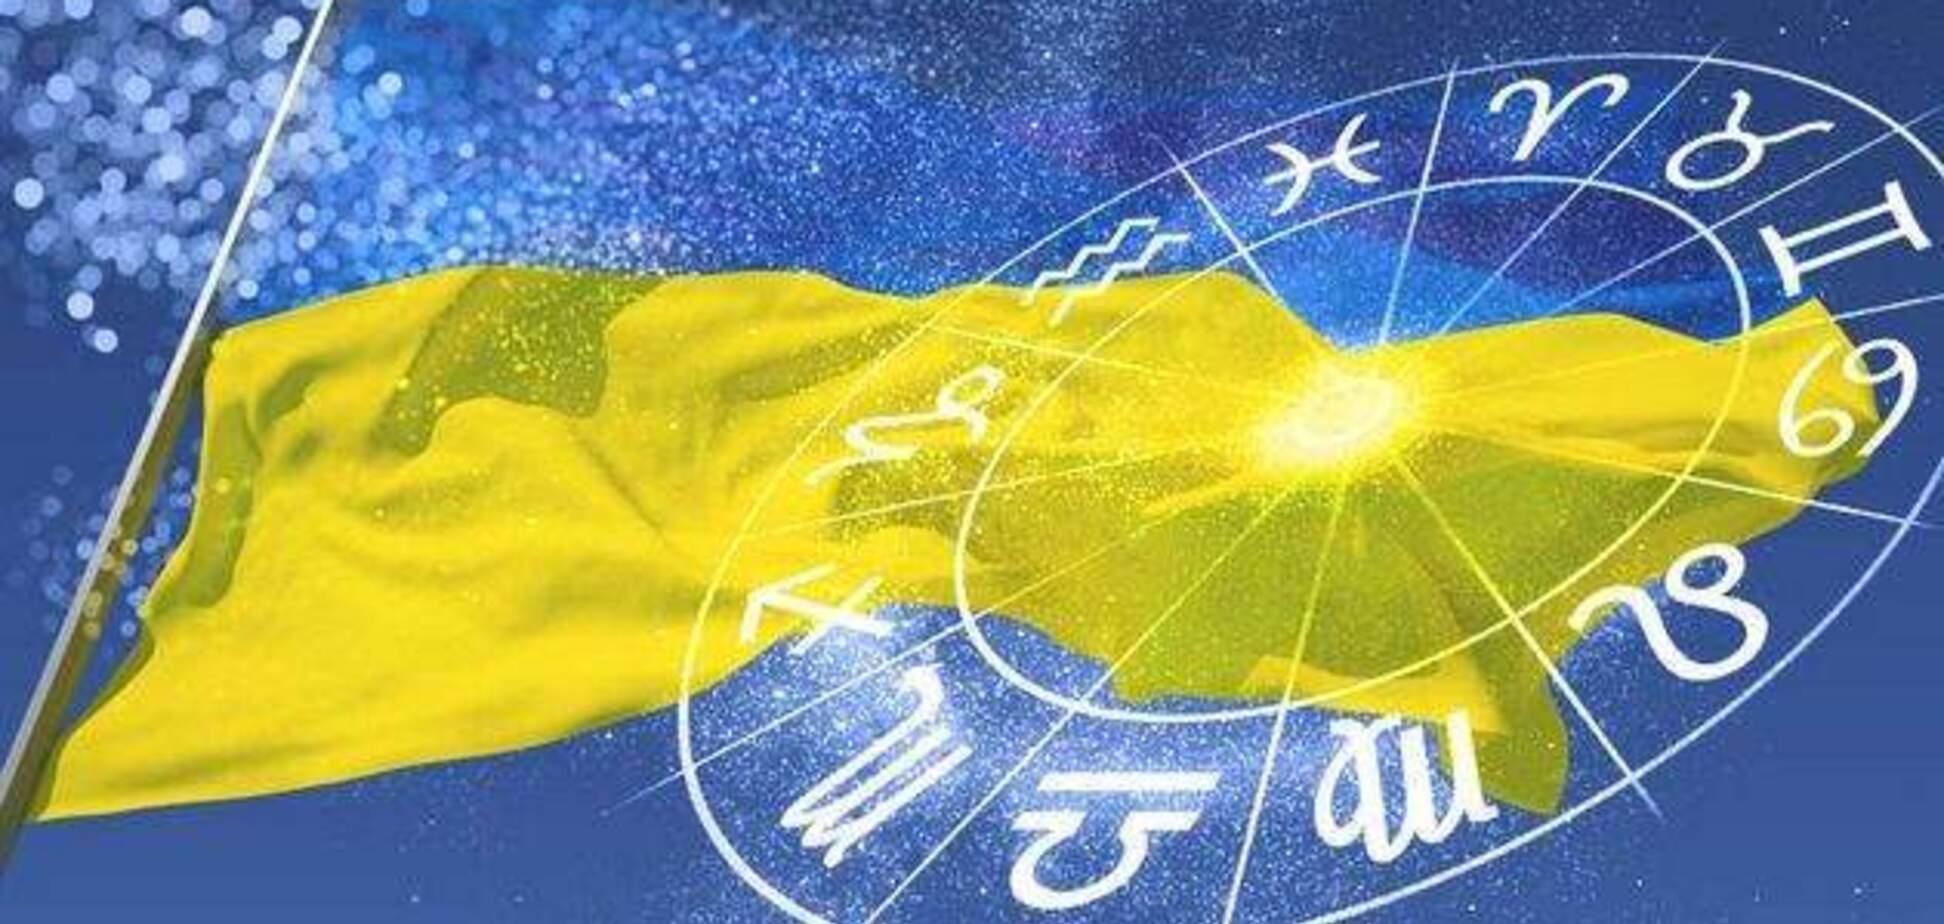 Астропрогноз для Украины перед выборами: в любой момент может шарахнуть